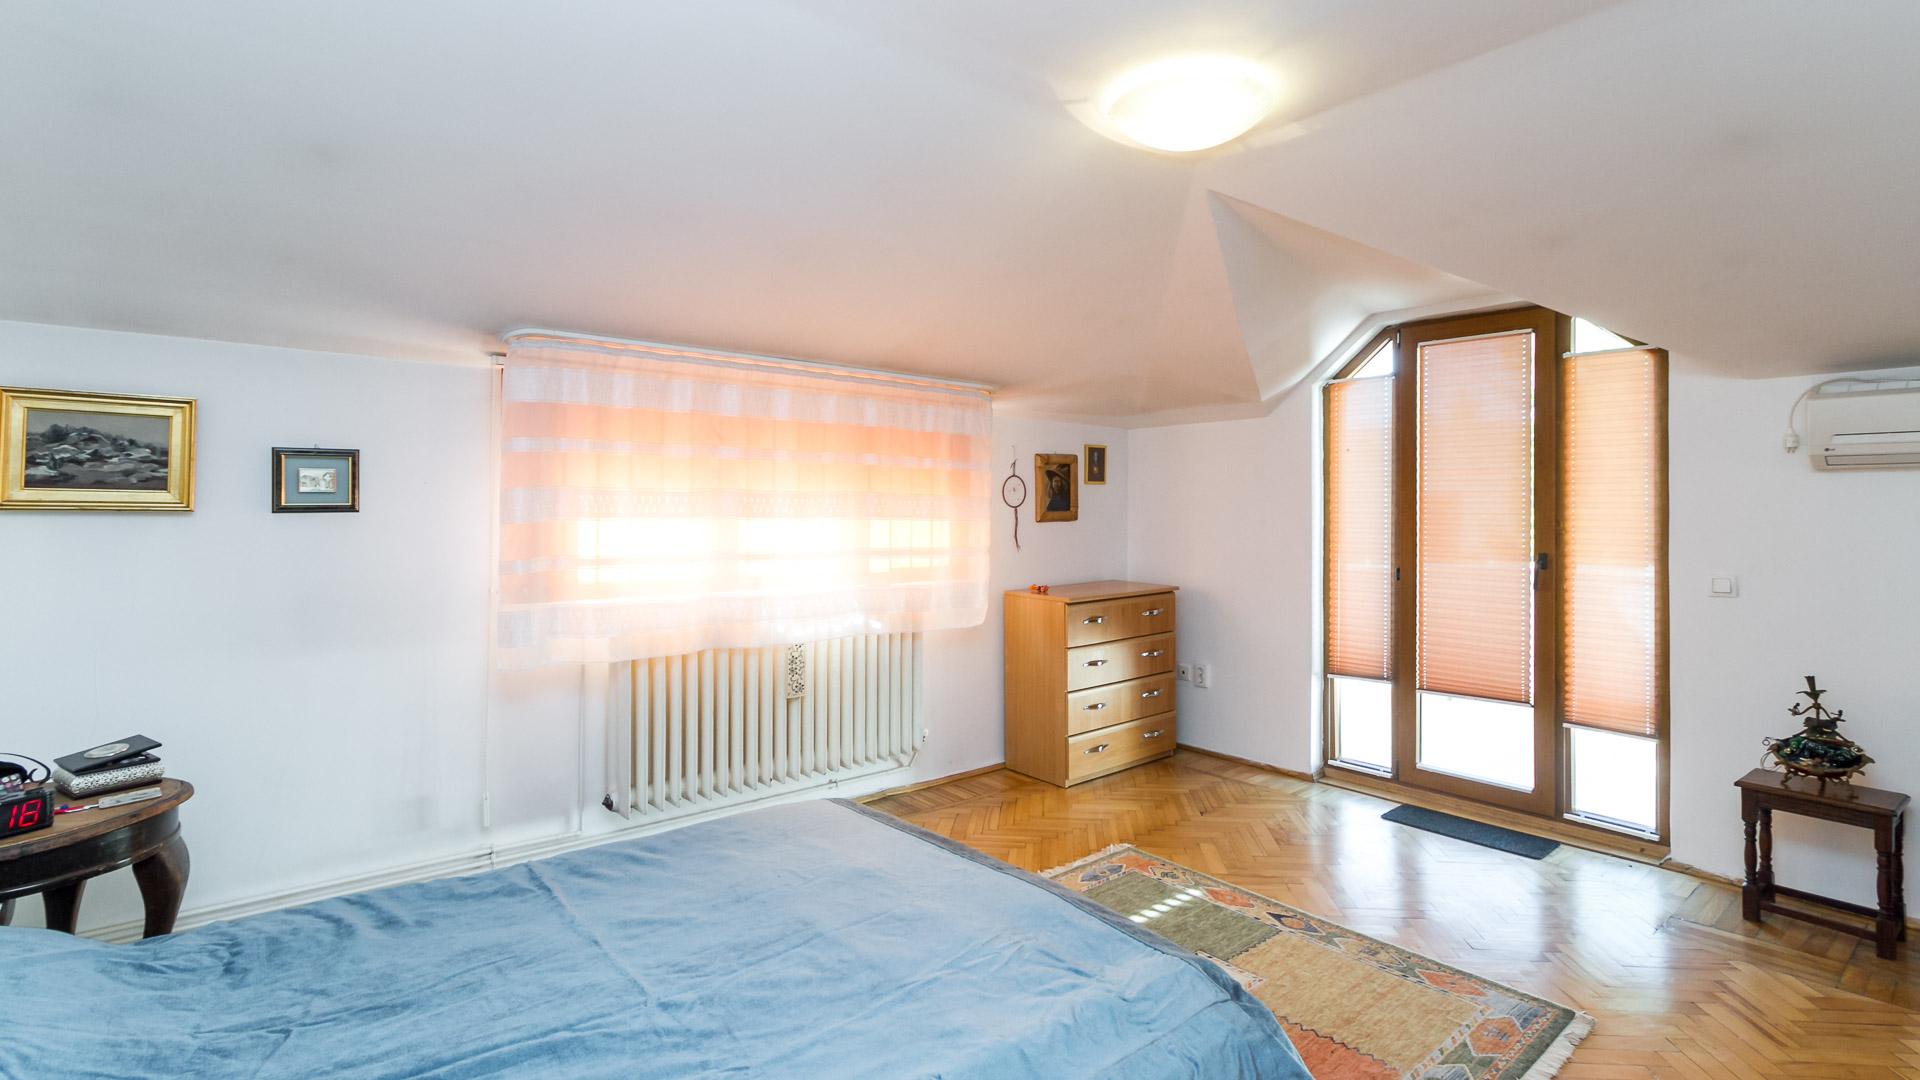 dormitor-cu-balcon-apartament-3-camere-2-bai-mansarda-vila-Tineretului